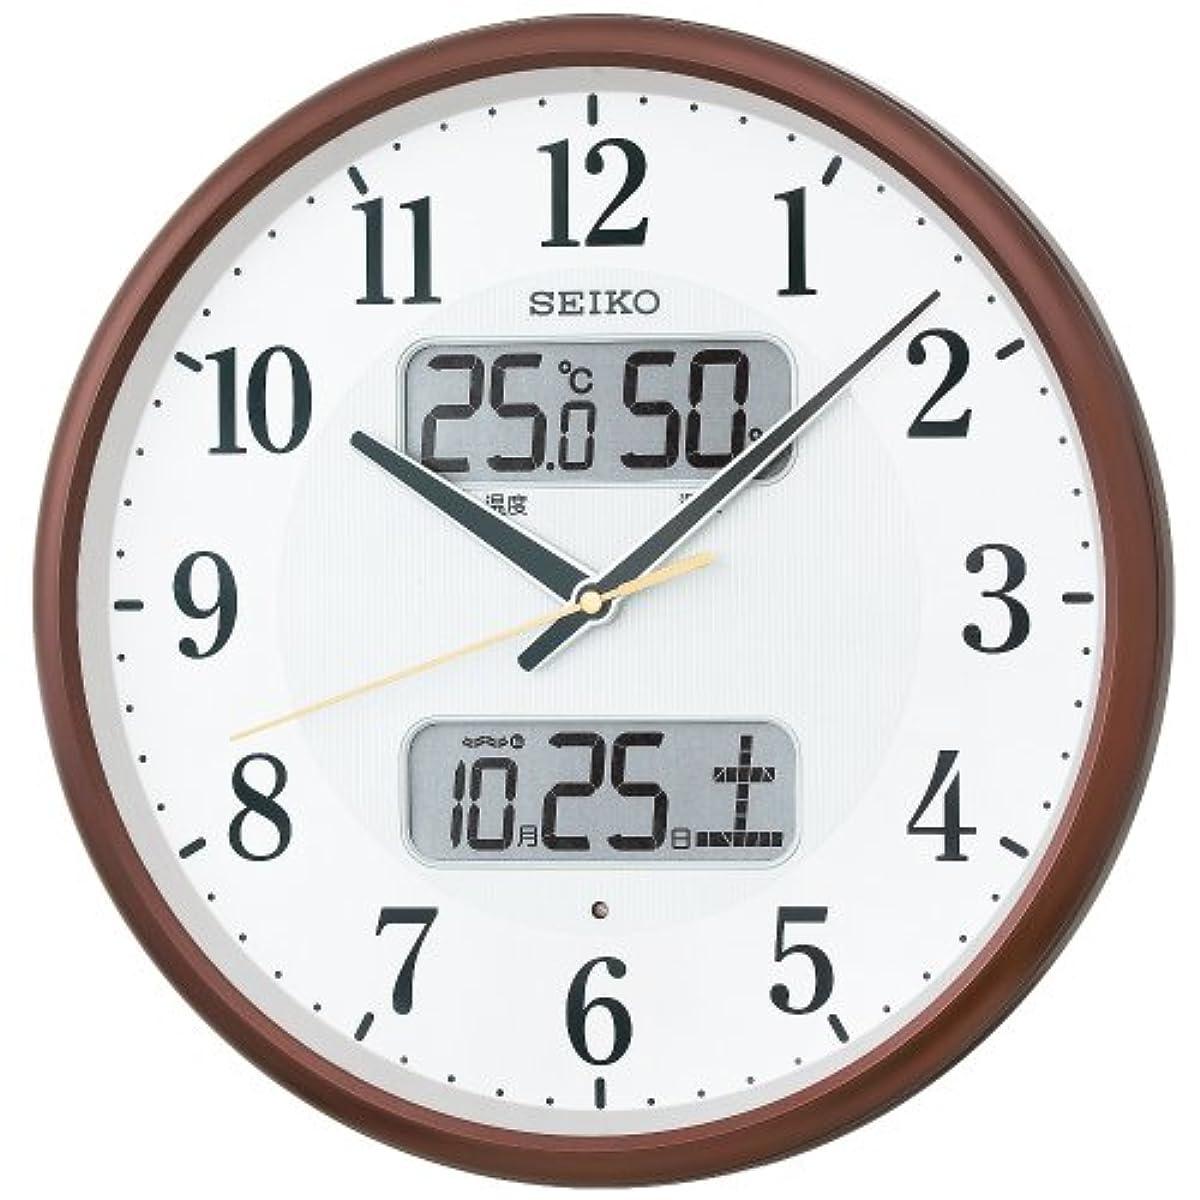 세이코 전파 벽 시계 온도 달력 표시 KX383B